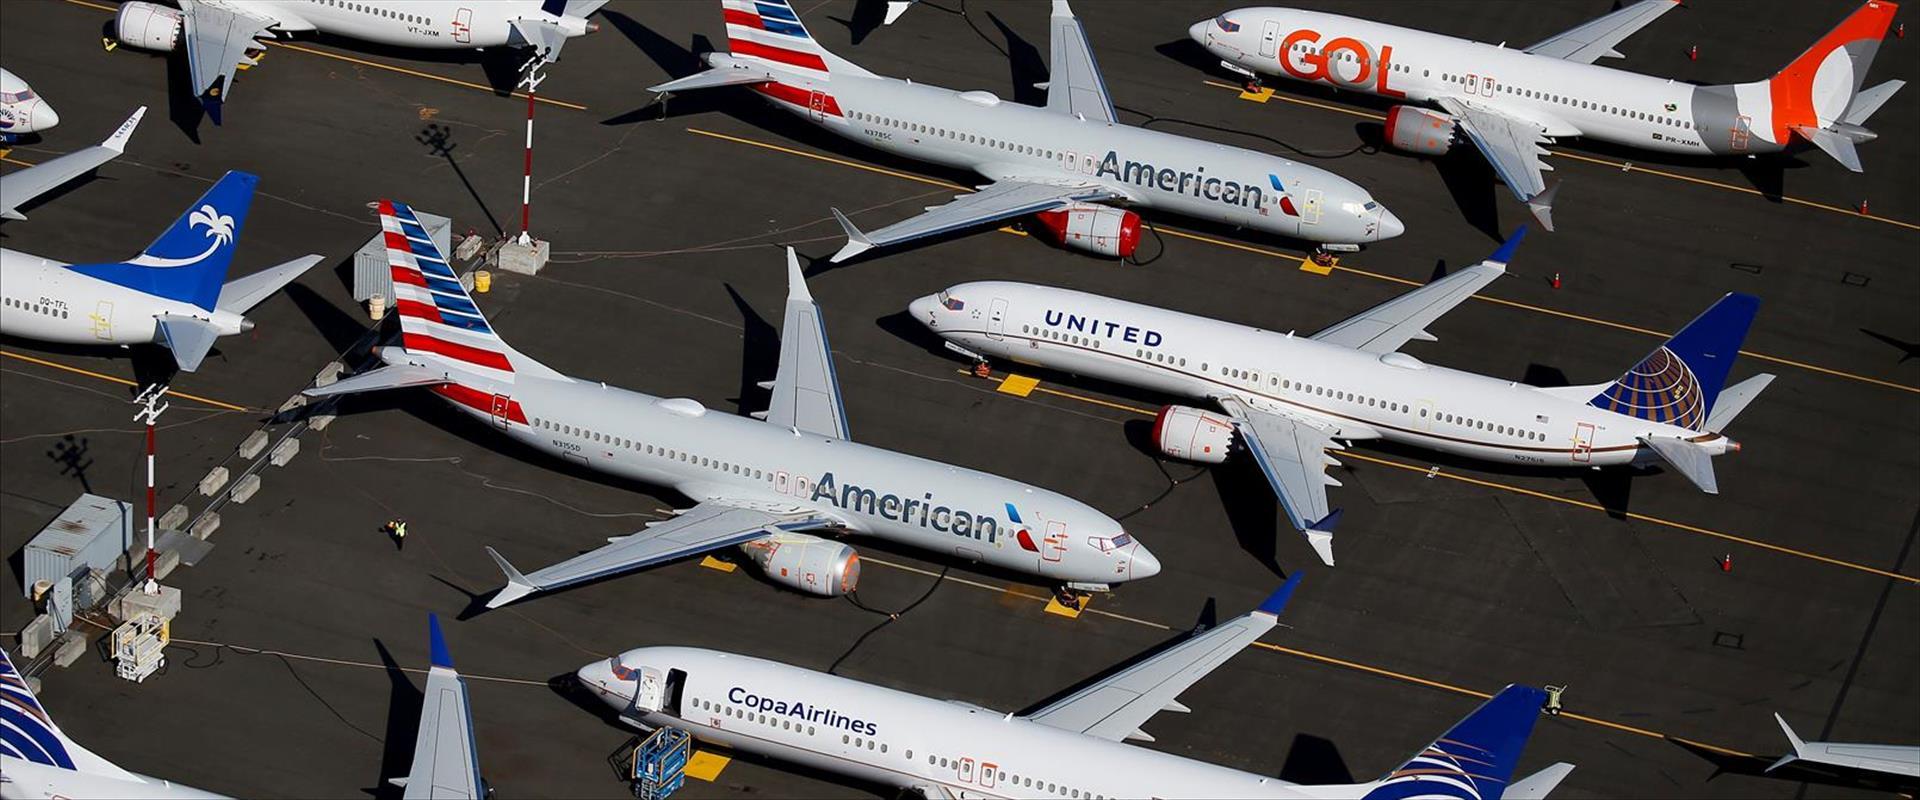 מטוסי 737-MAX מקורקעים בשדה התעופה בסיאטל, הלילה